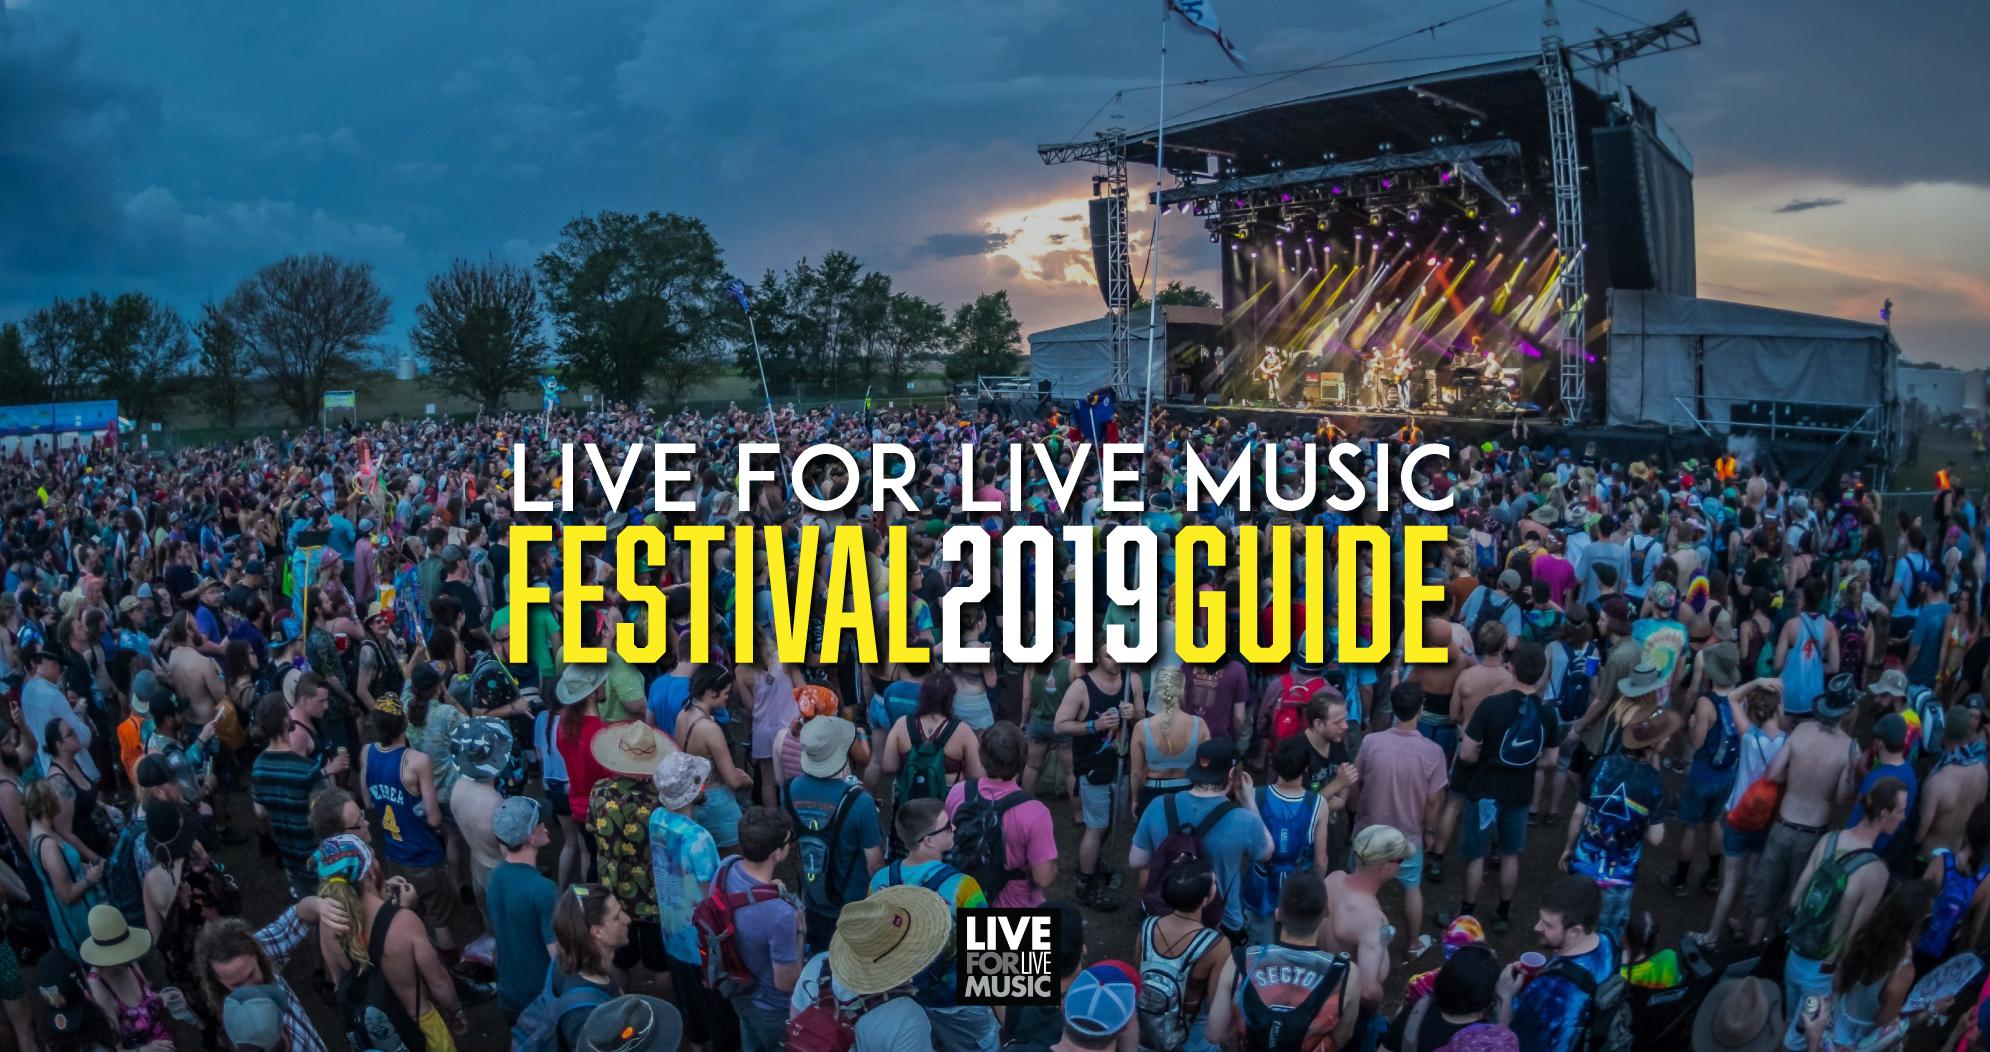 The 2019 Summer Music Festival Guide